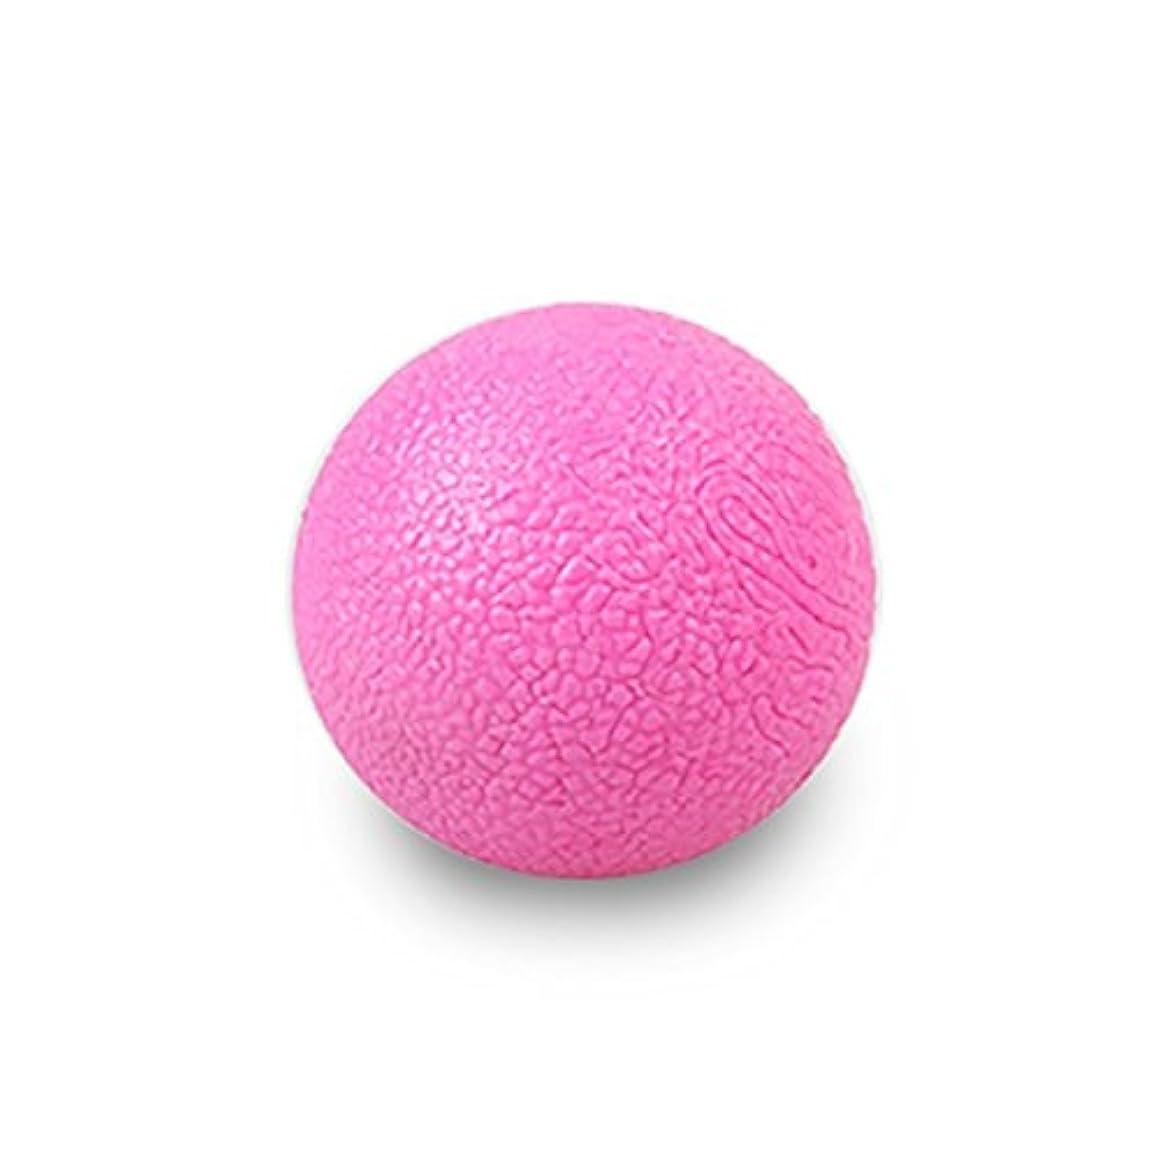 確かな中毒シートShape Up UPnShape ミニ マッサージ ボール (4.7 インチ)/ストレッチ、ヨガ リハビリテーション腰痛首 (ピンク)